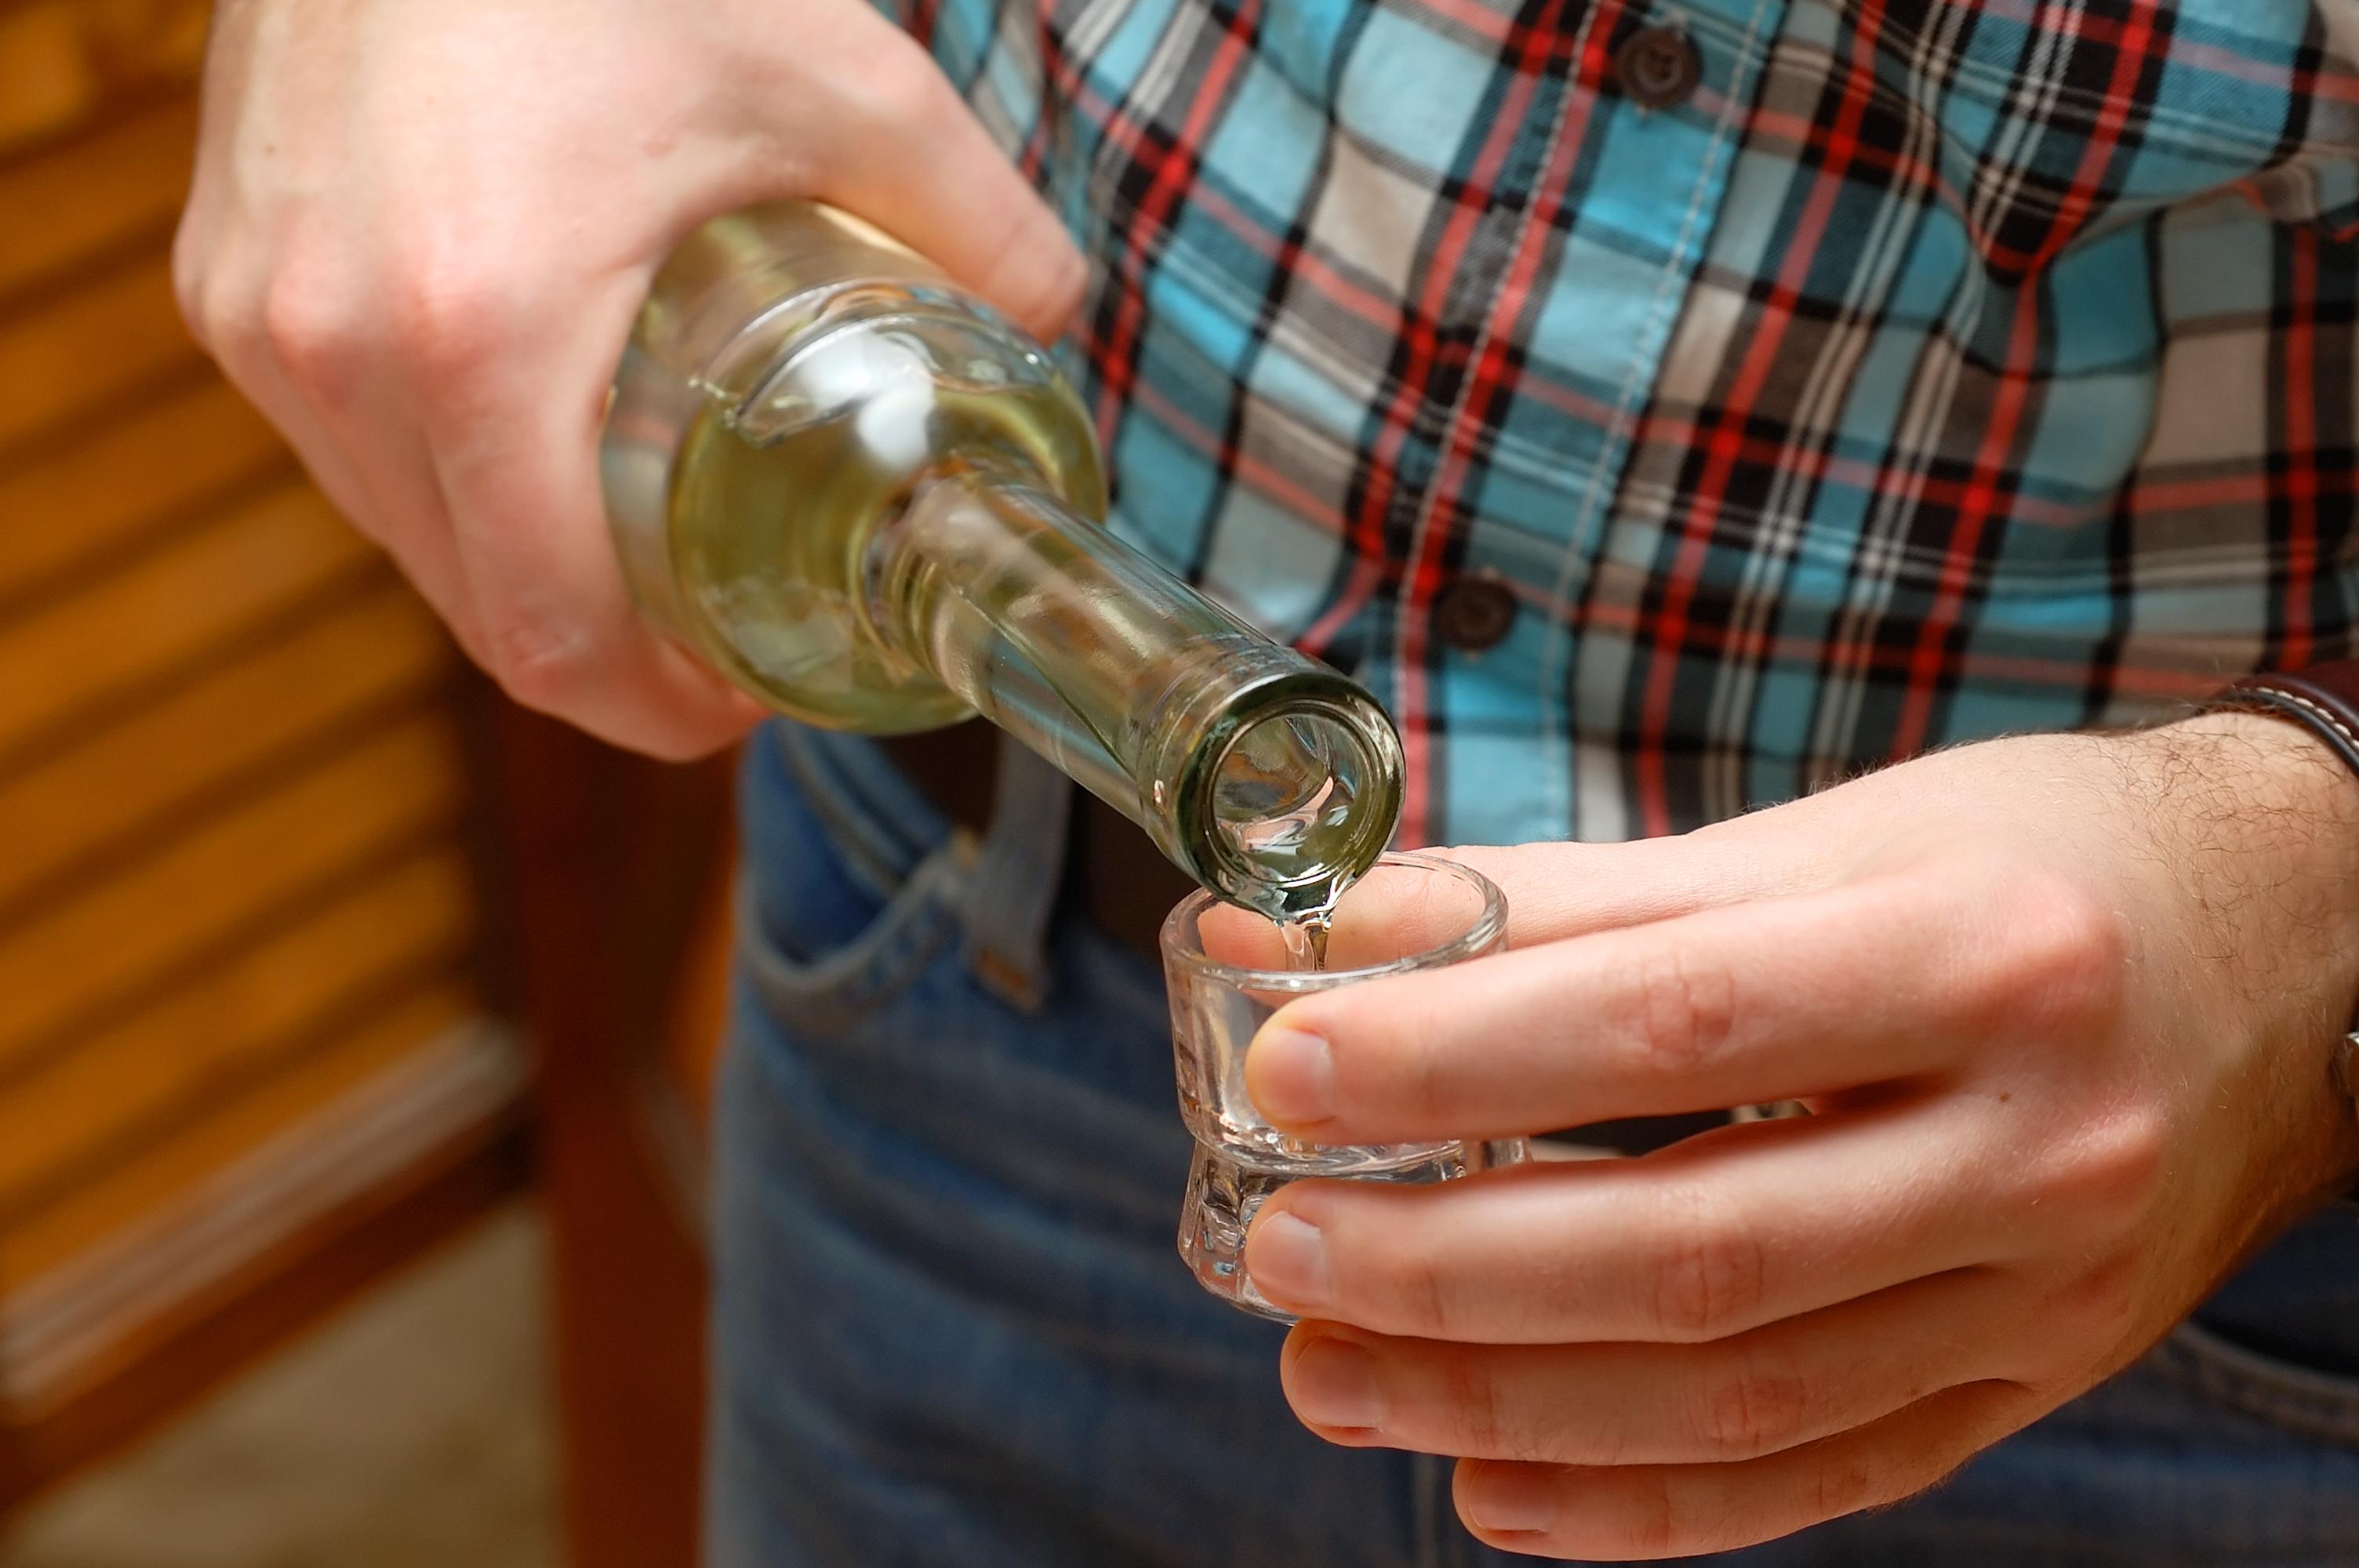 Förhållandet mellan ASAT och ALAT kan hjälpa till att avgöra huruvida alkoholmissbruk har varit en orsak till leverskadan.